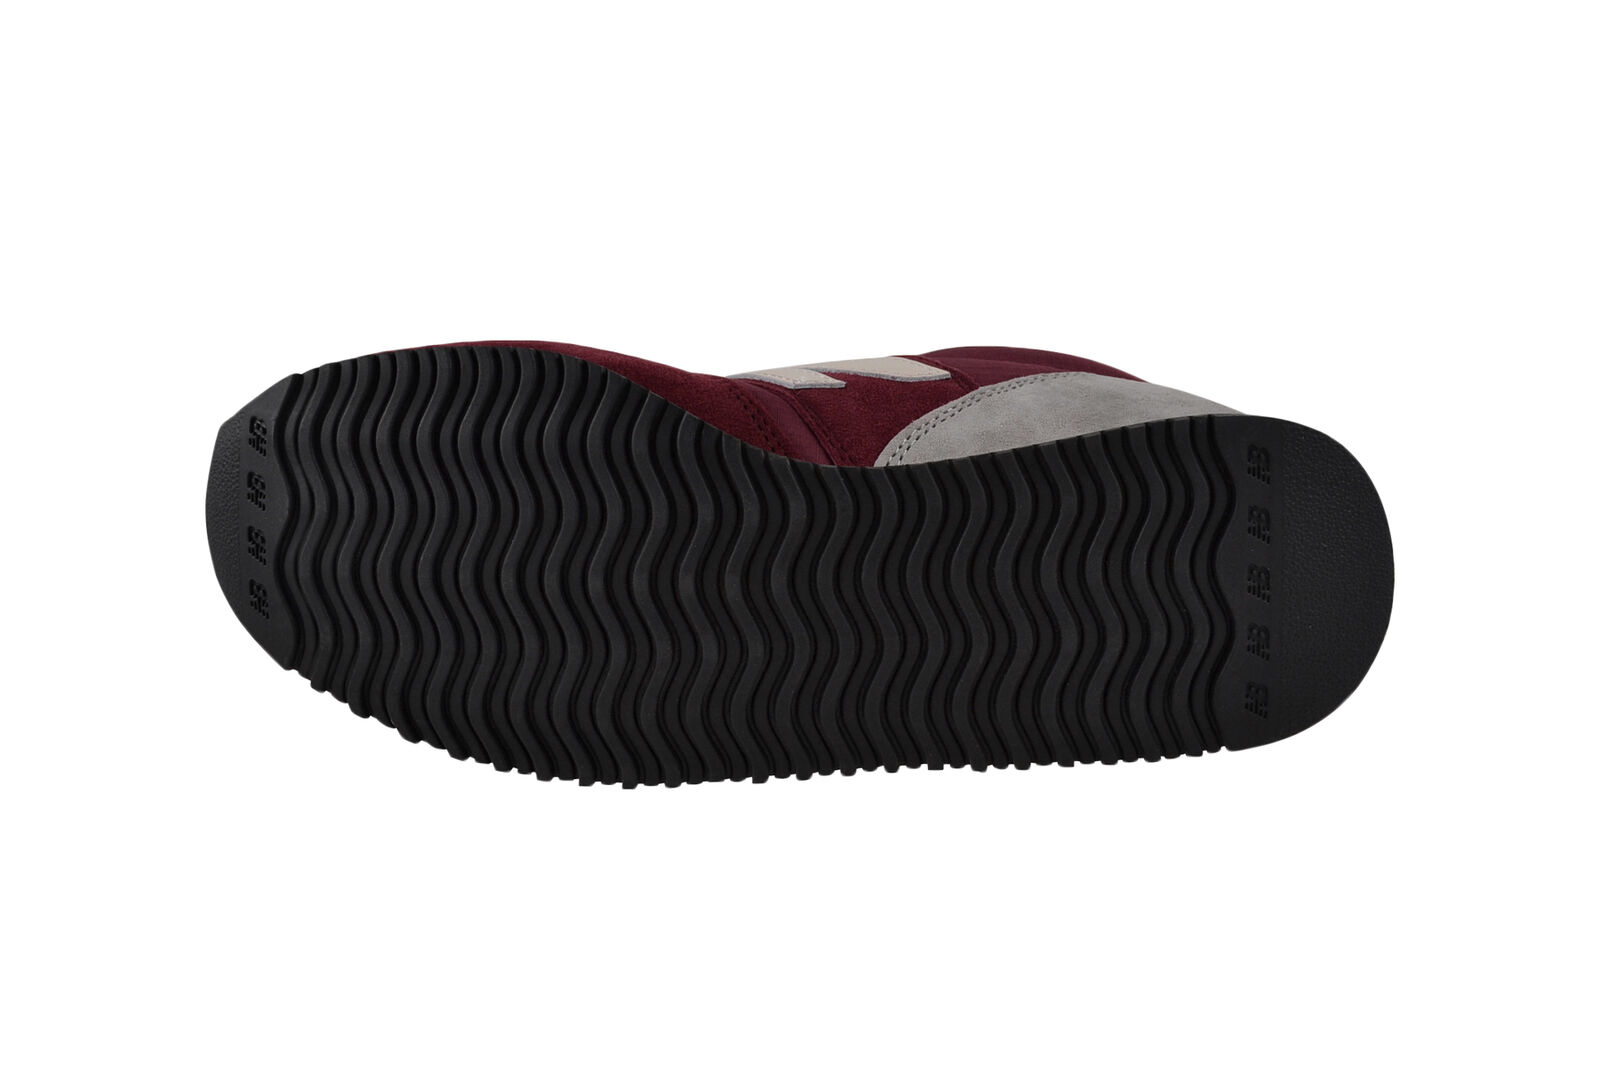 4ddfaa35d4 Nike jordan double nickel size size size 11 uk b2e951 - oxfords ...